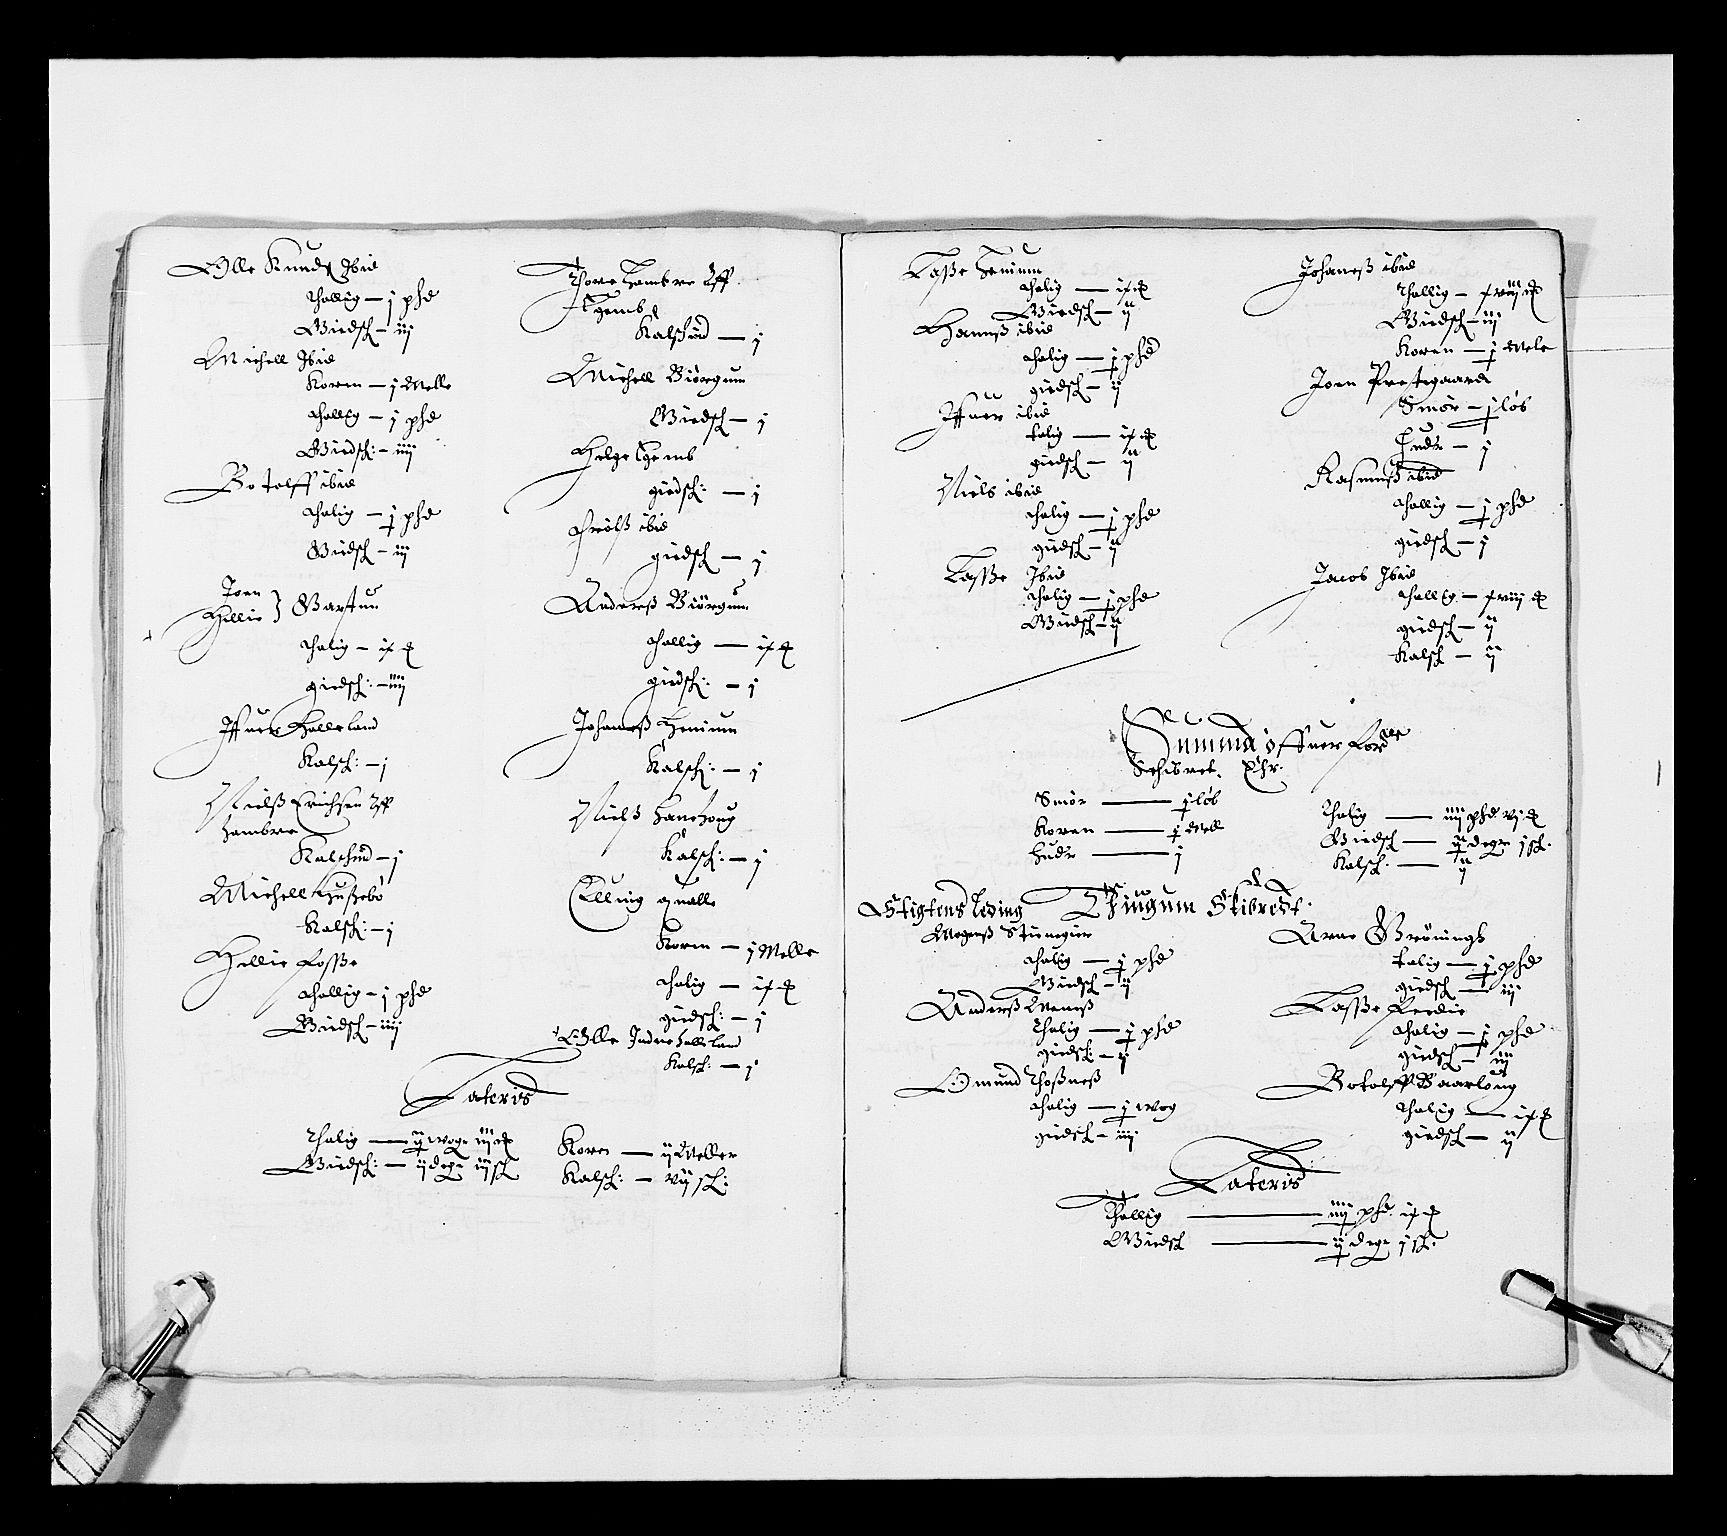 RA, Stattholderembetet 1572-1771, Ek/L0025: Jordebøker 1633-1658:, 1645-1646, s. 125